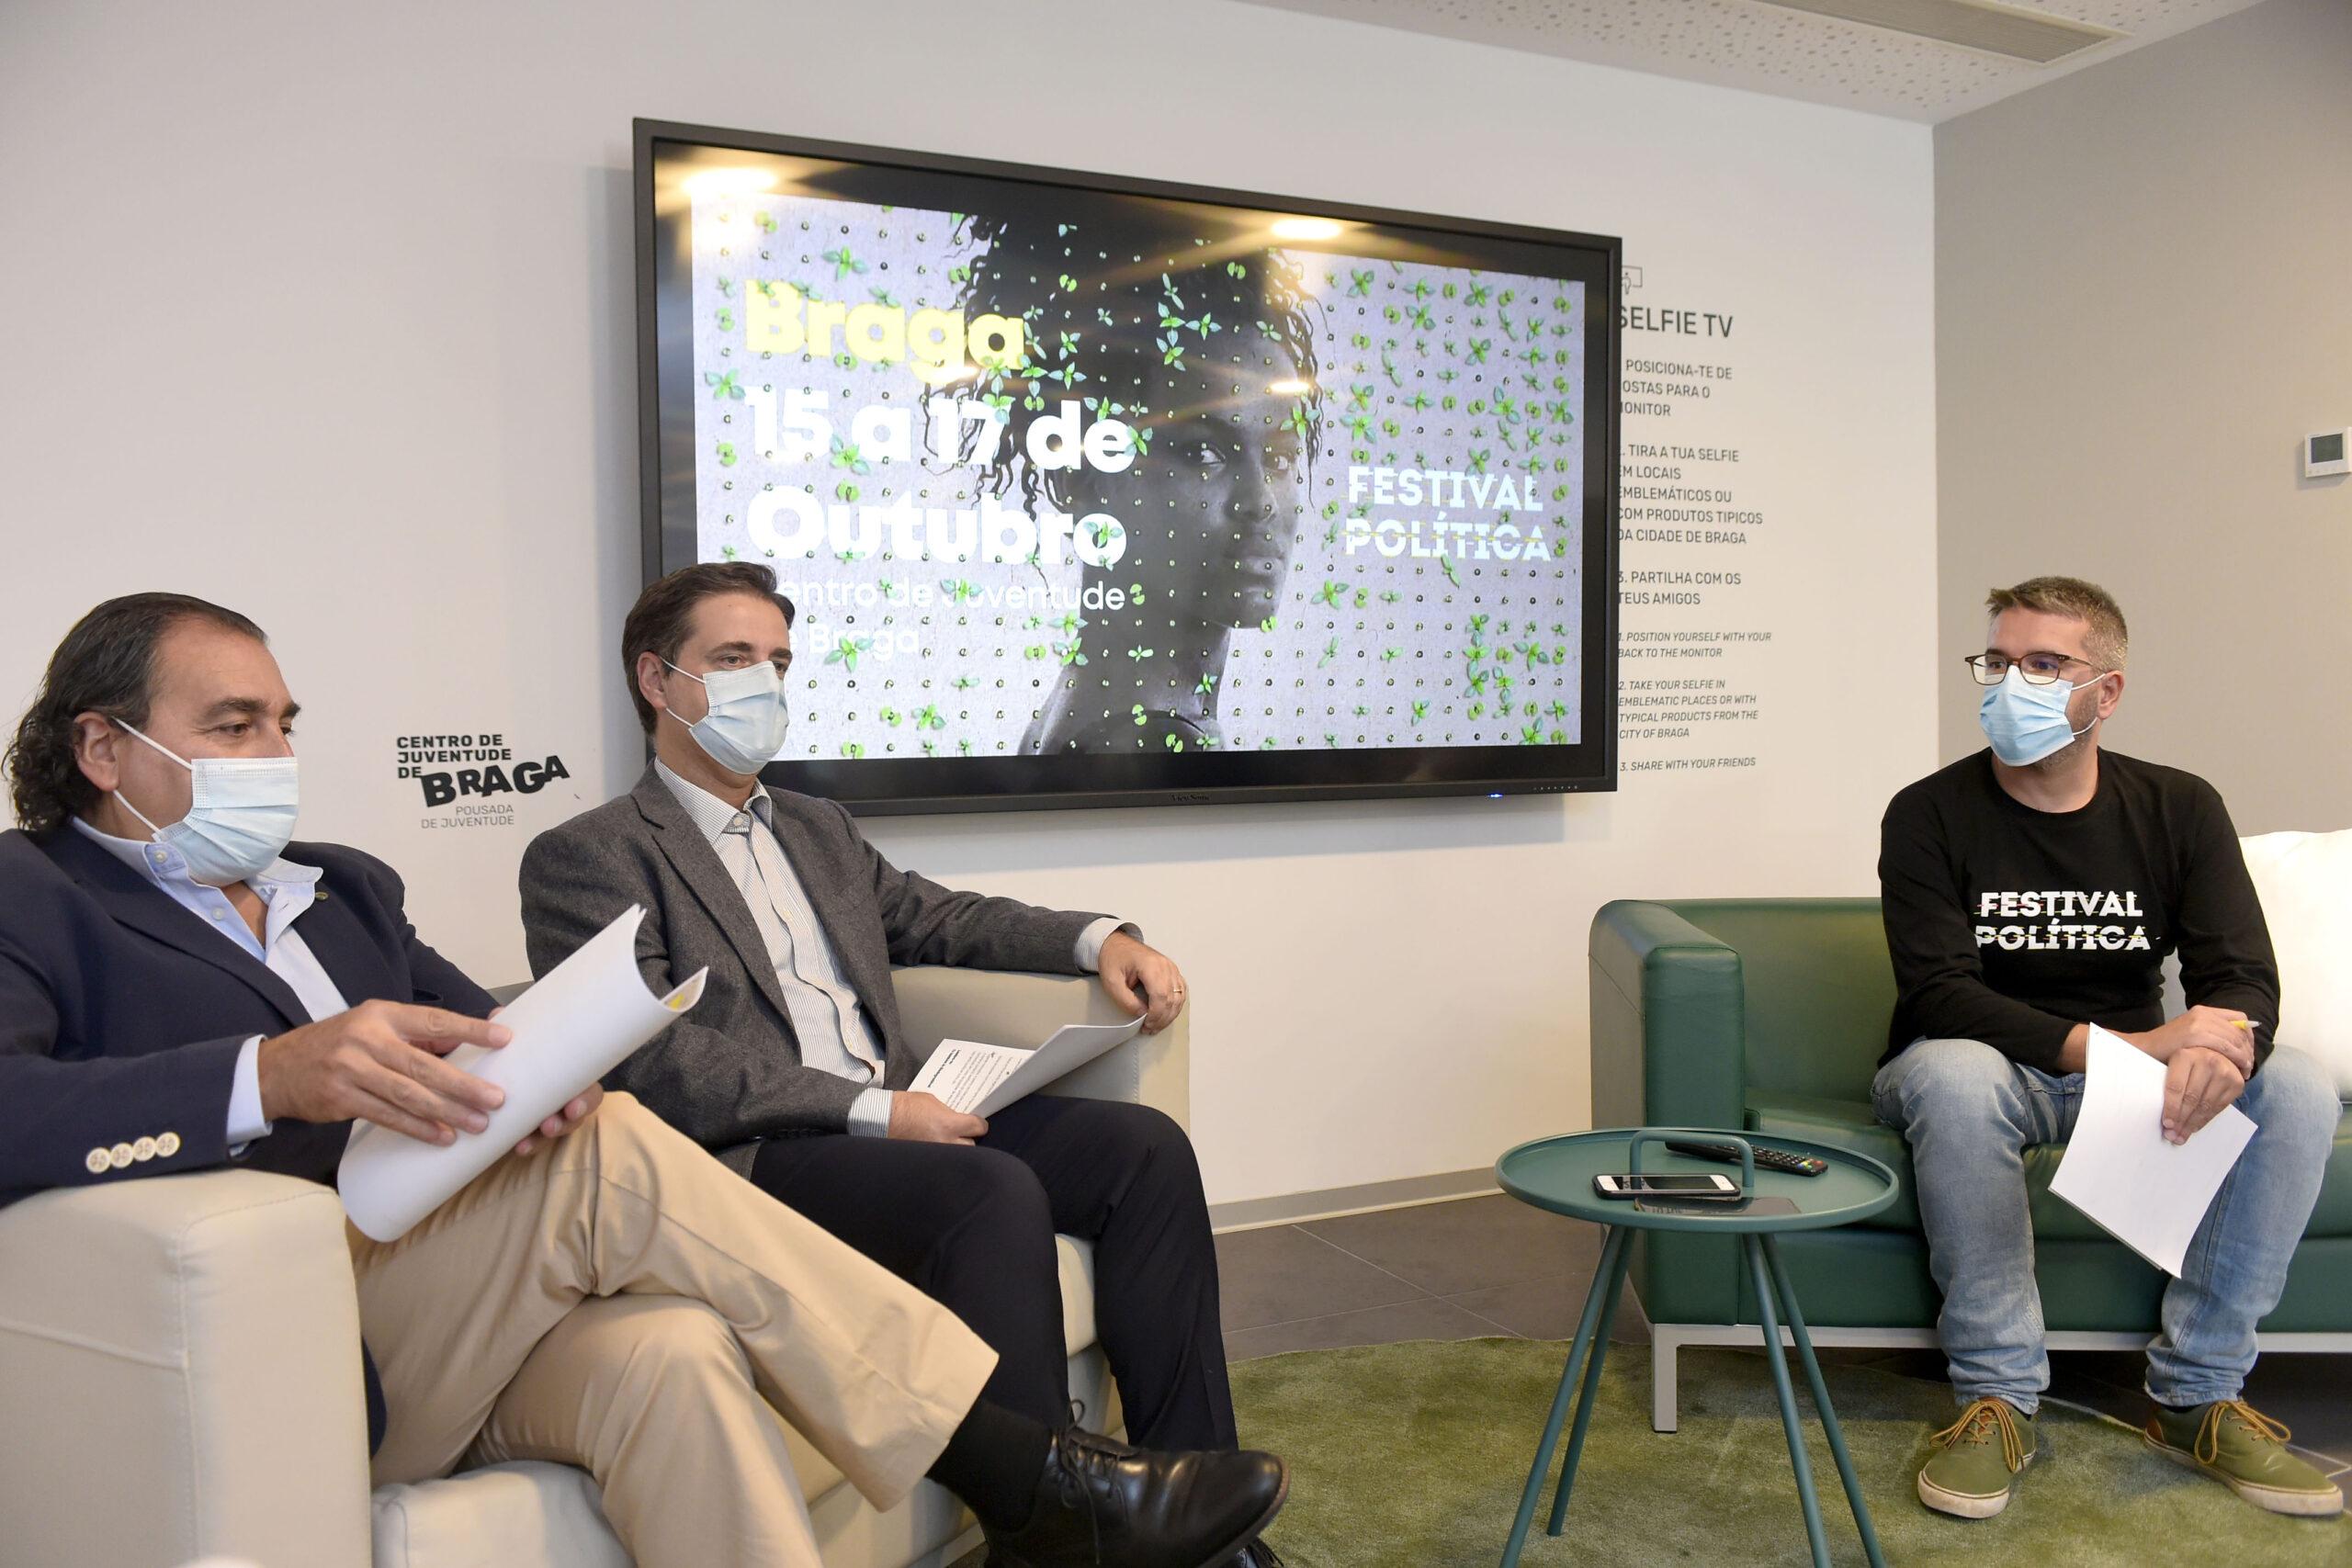 Festival Política de Braga tem como tema central o Ambiente e o Brasil em foco